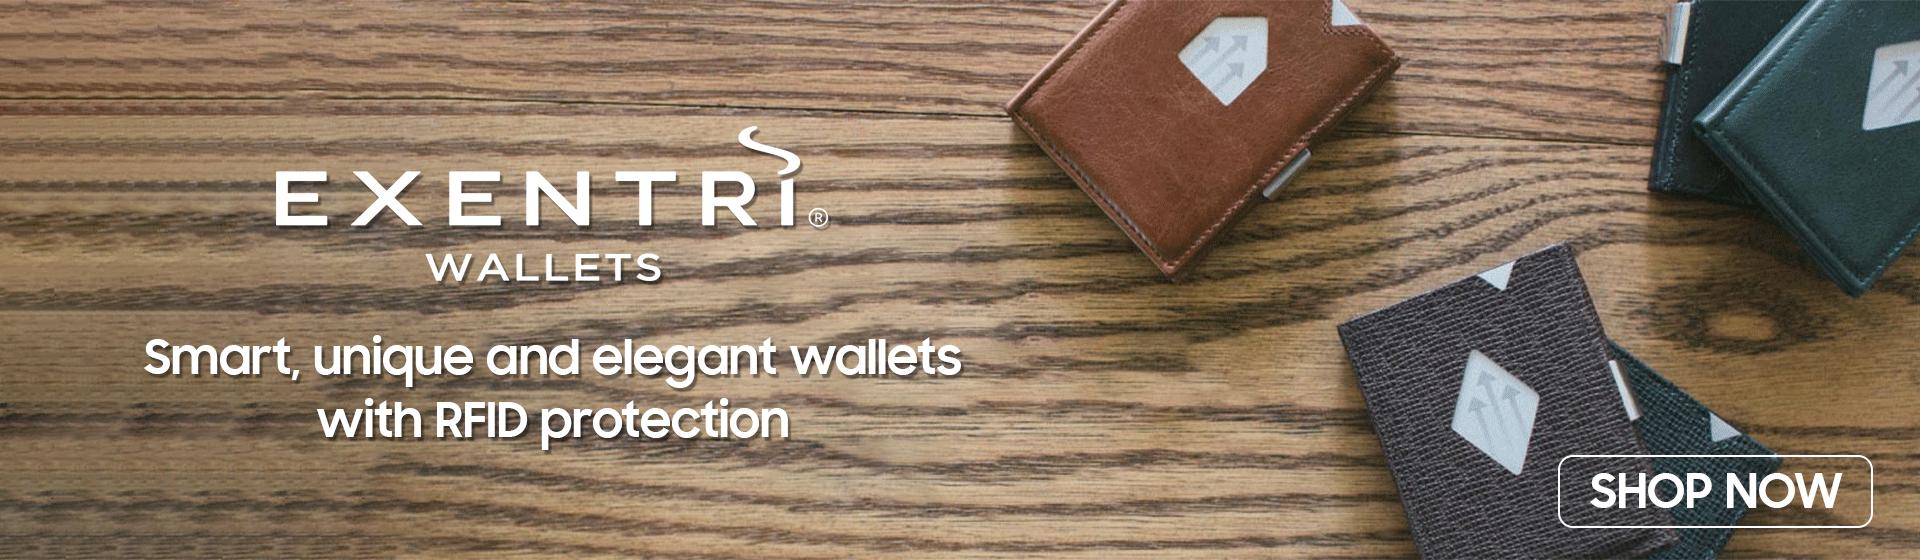 Exentri Wallets